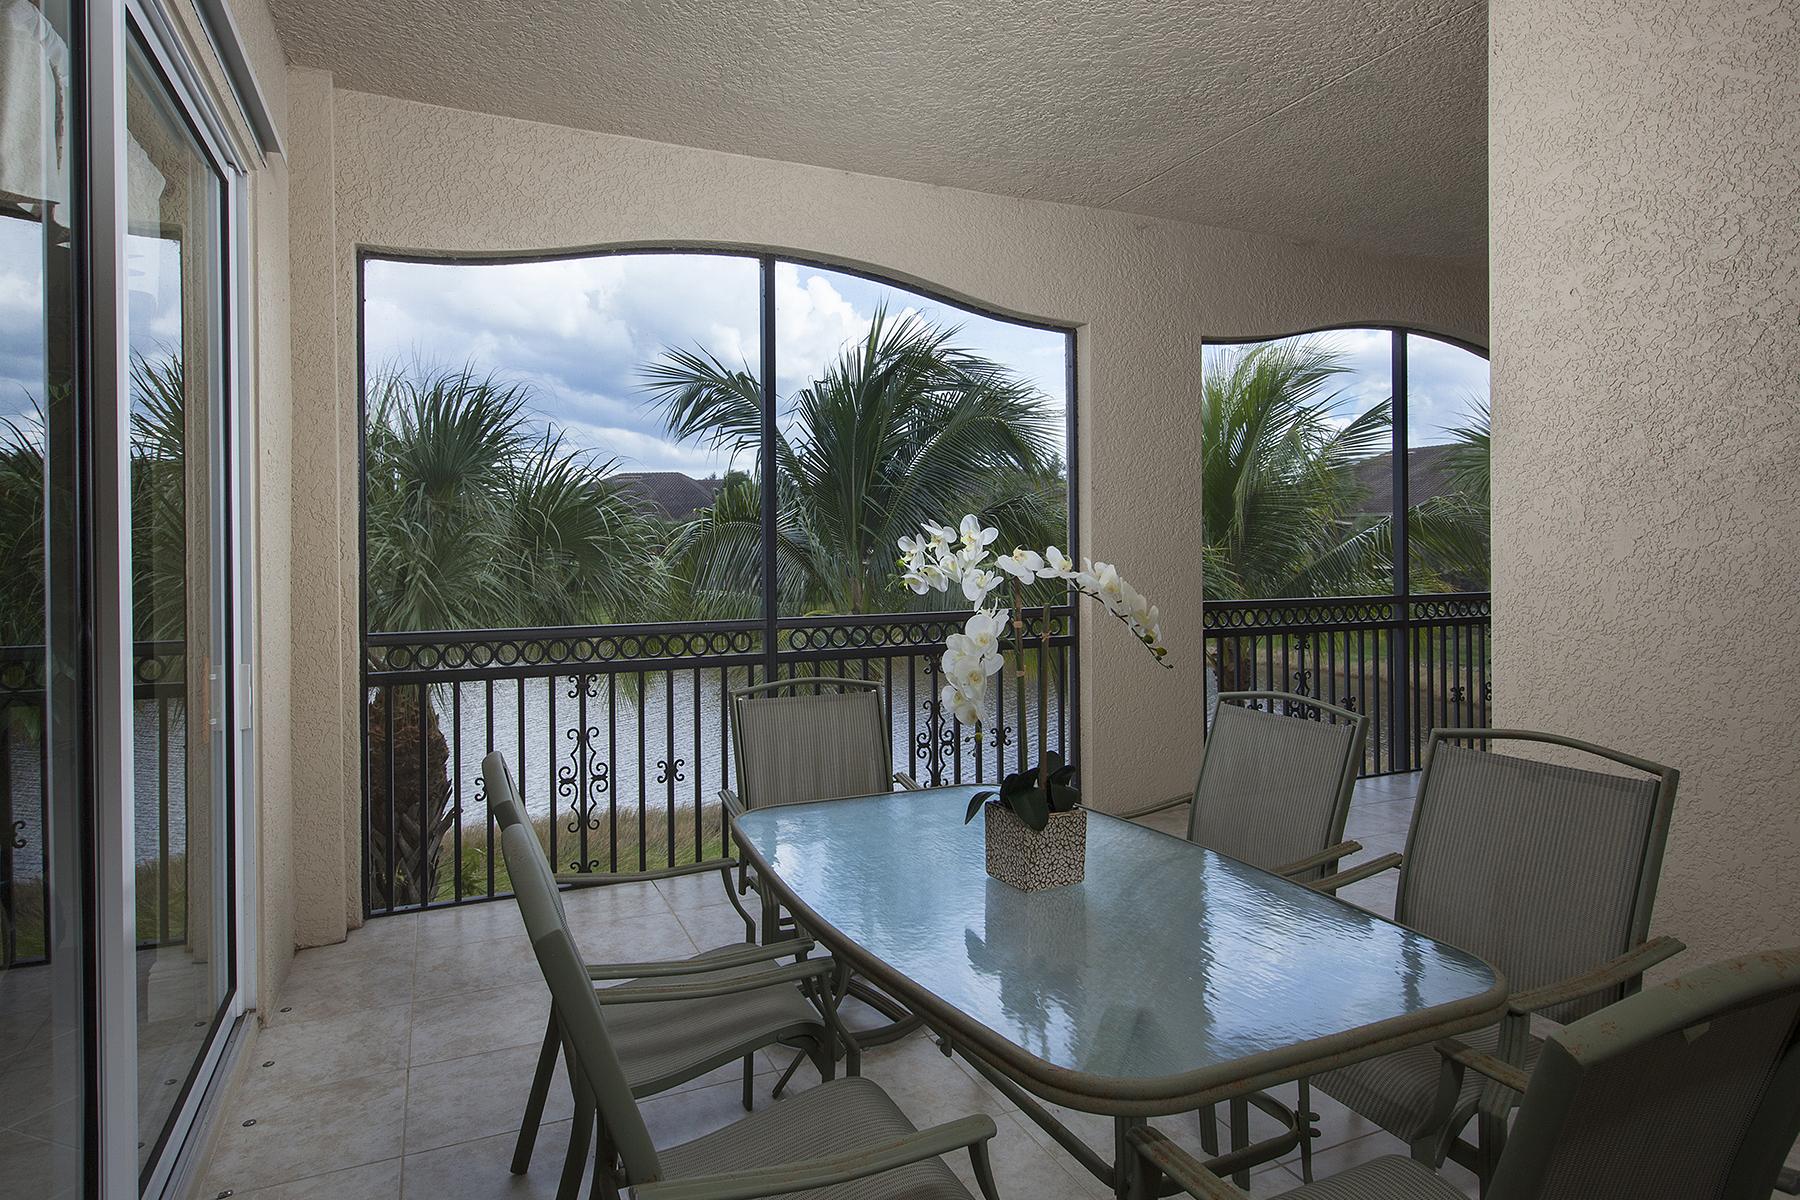 共管式独立产权公寓 为 销售 在 FIDDLER'S CREEK - VARENNA 9224 Campanile Cir 201 那不勒斯, 佛罗里达州, 34114 美国